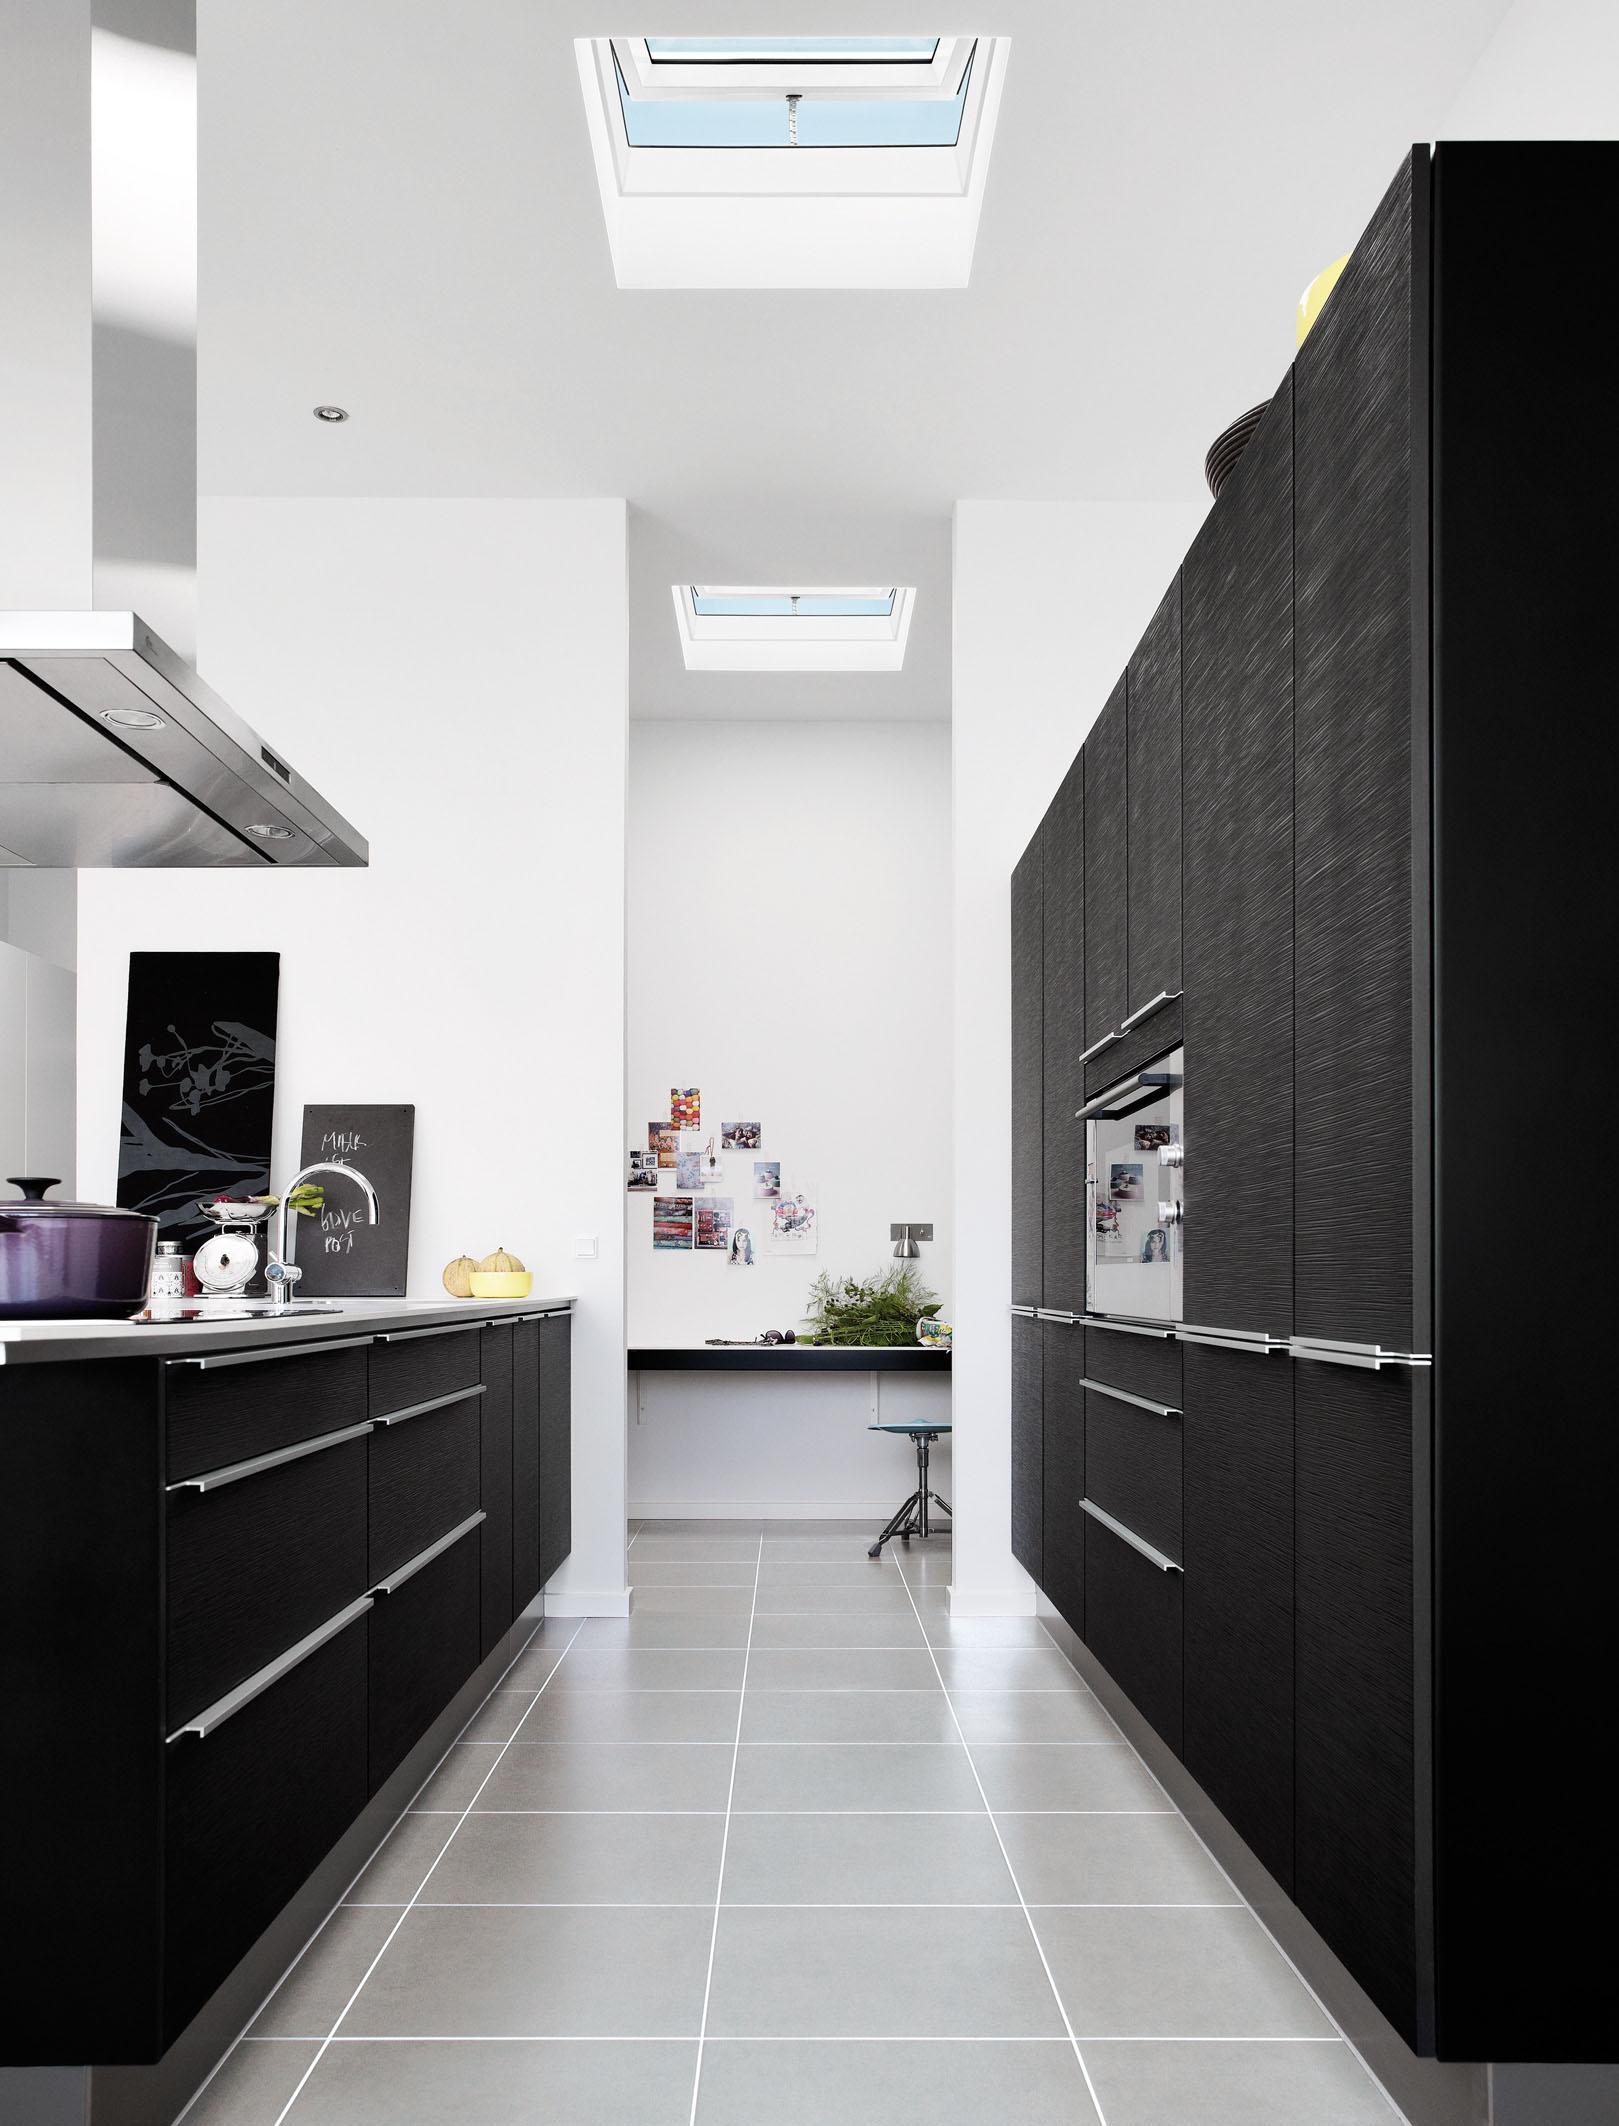 aktuell flachdach fenster velux architekten wettbewerb flachdach im fokus. Black Bedroom Furniture Sets. Home Design Ideas